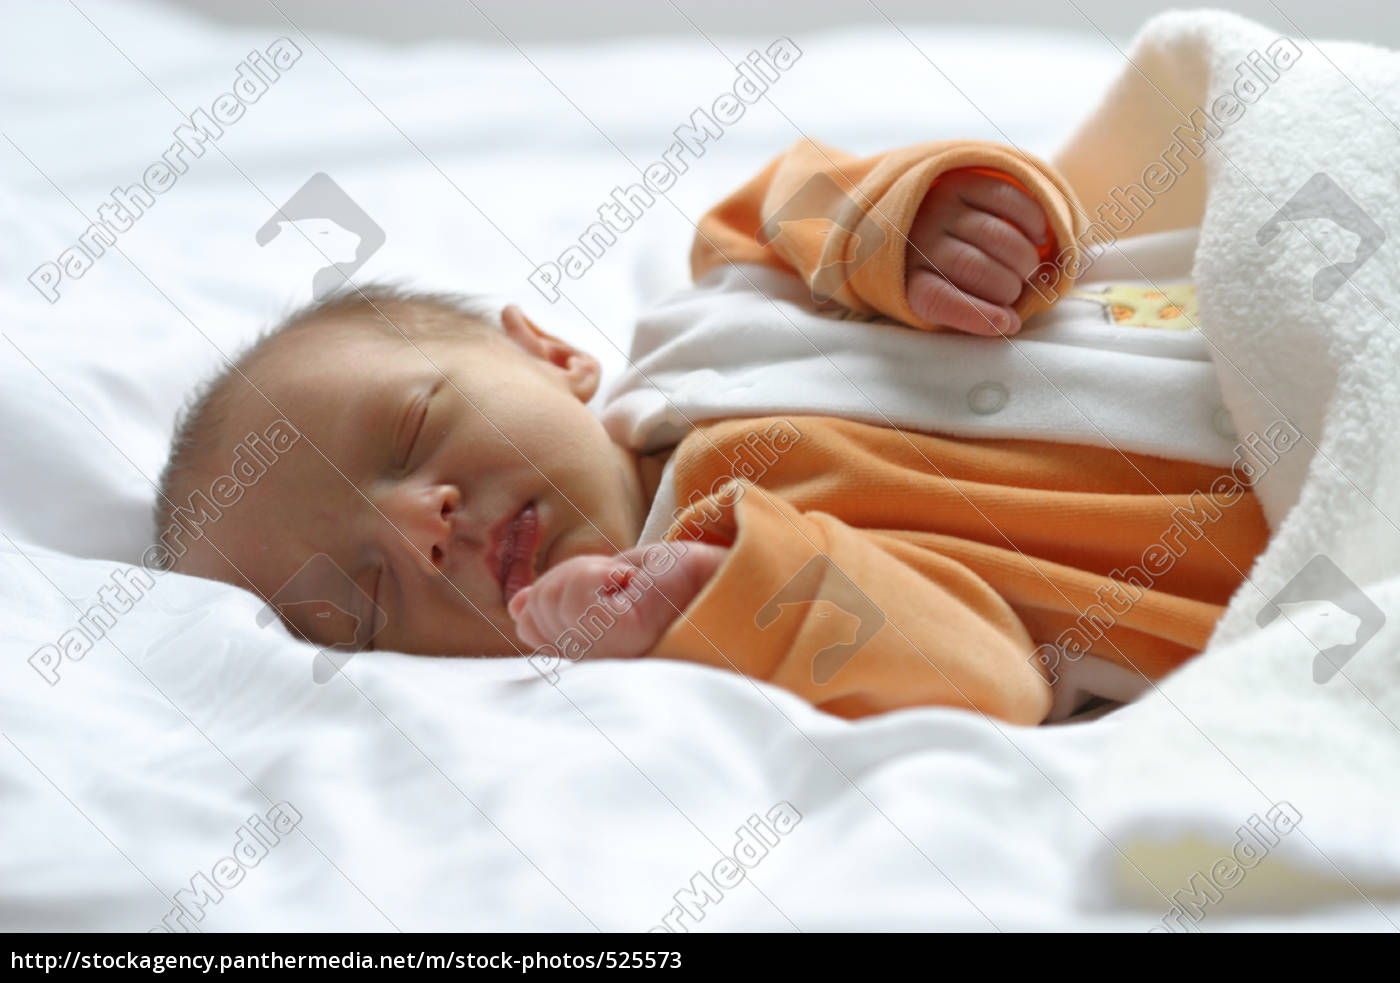 baby - 525573